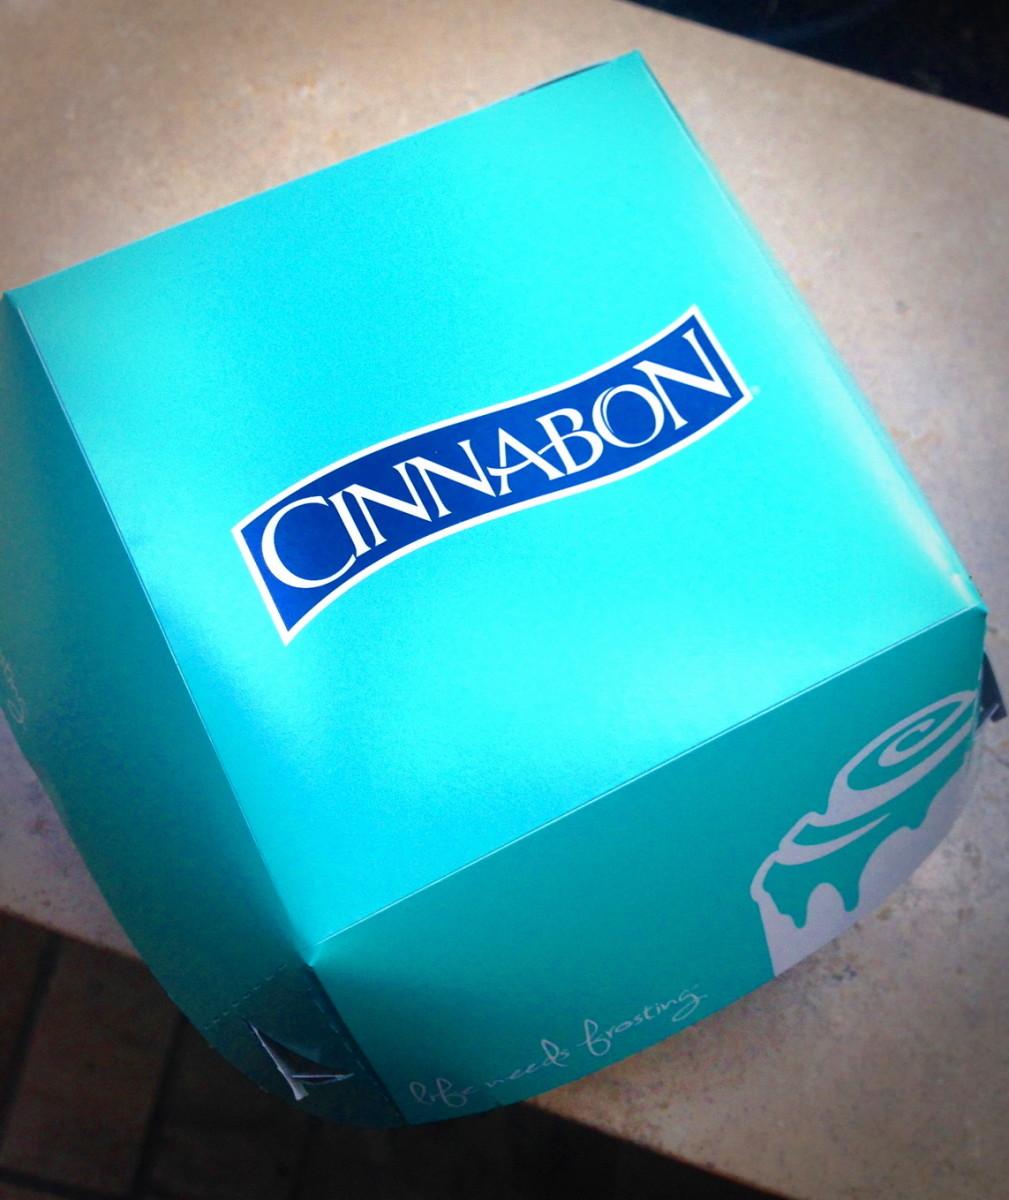 Cinnabon box